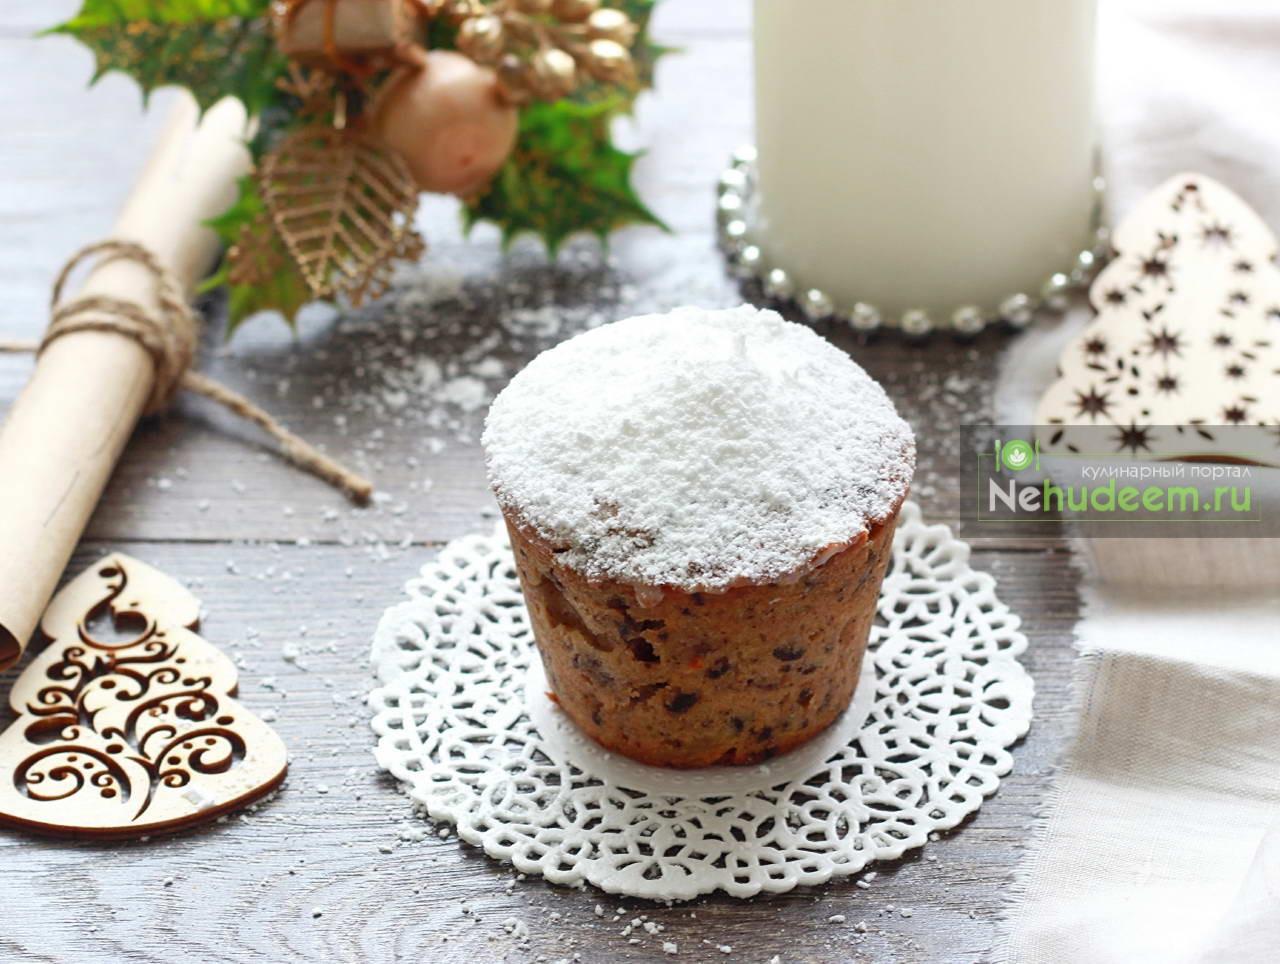 Рождественский кекс с апельсином и шоколадом